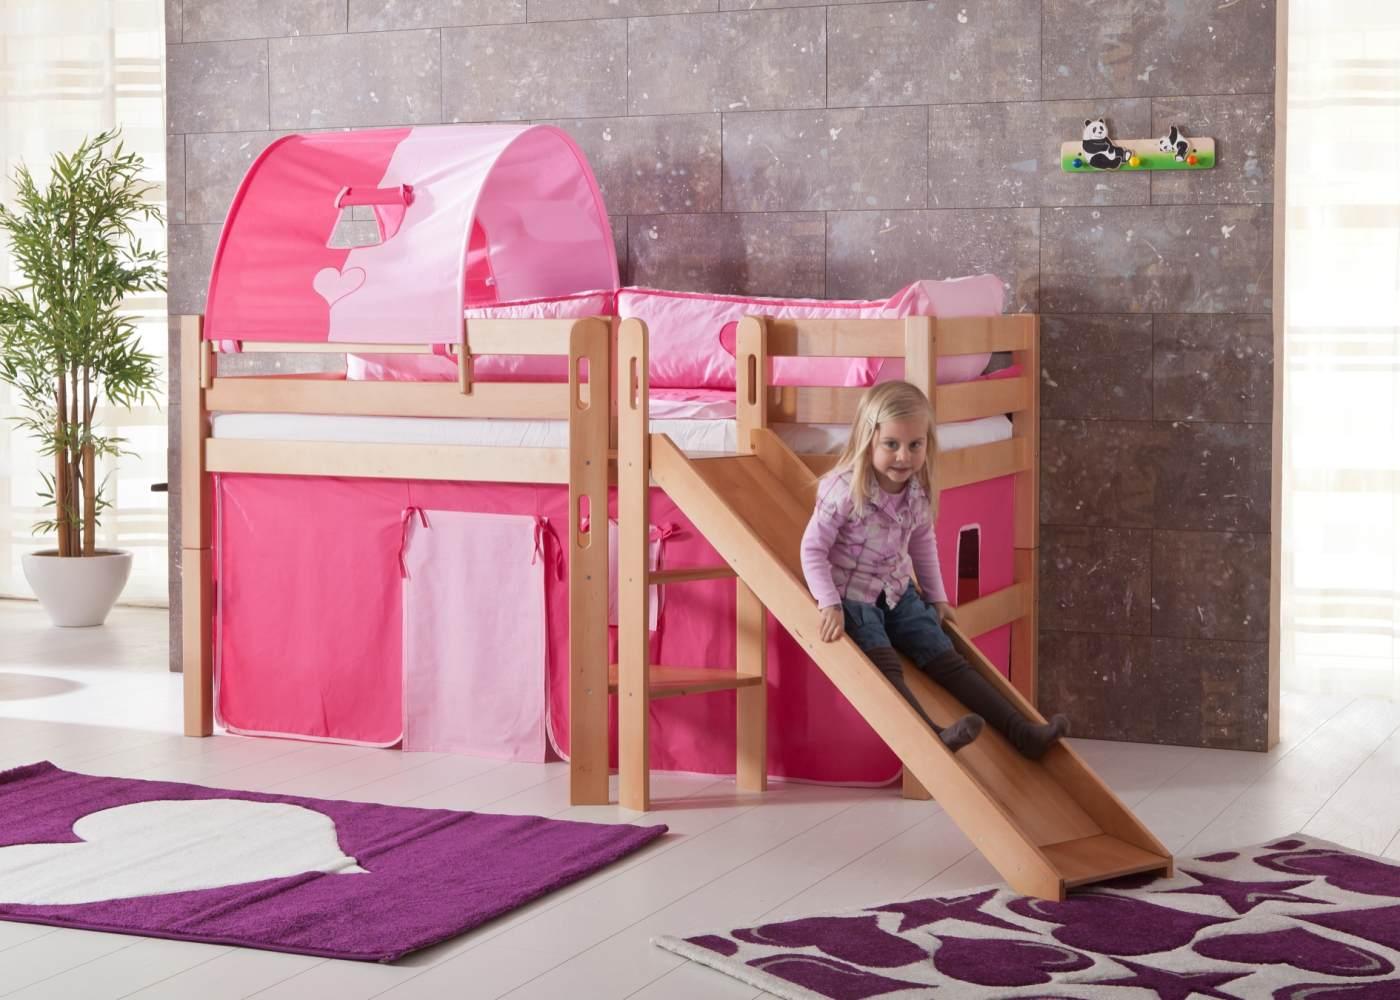 Relita 'Eliyas' Spielbett mit Rutsche und Textilset Vorhang, 1-er Tunnel und Tasche pink/herz Bild 1